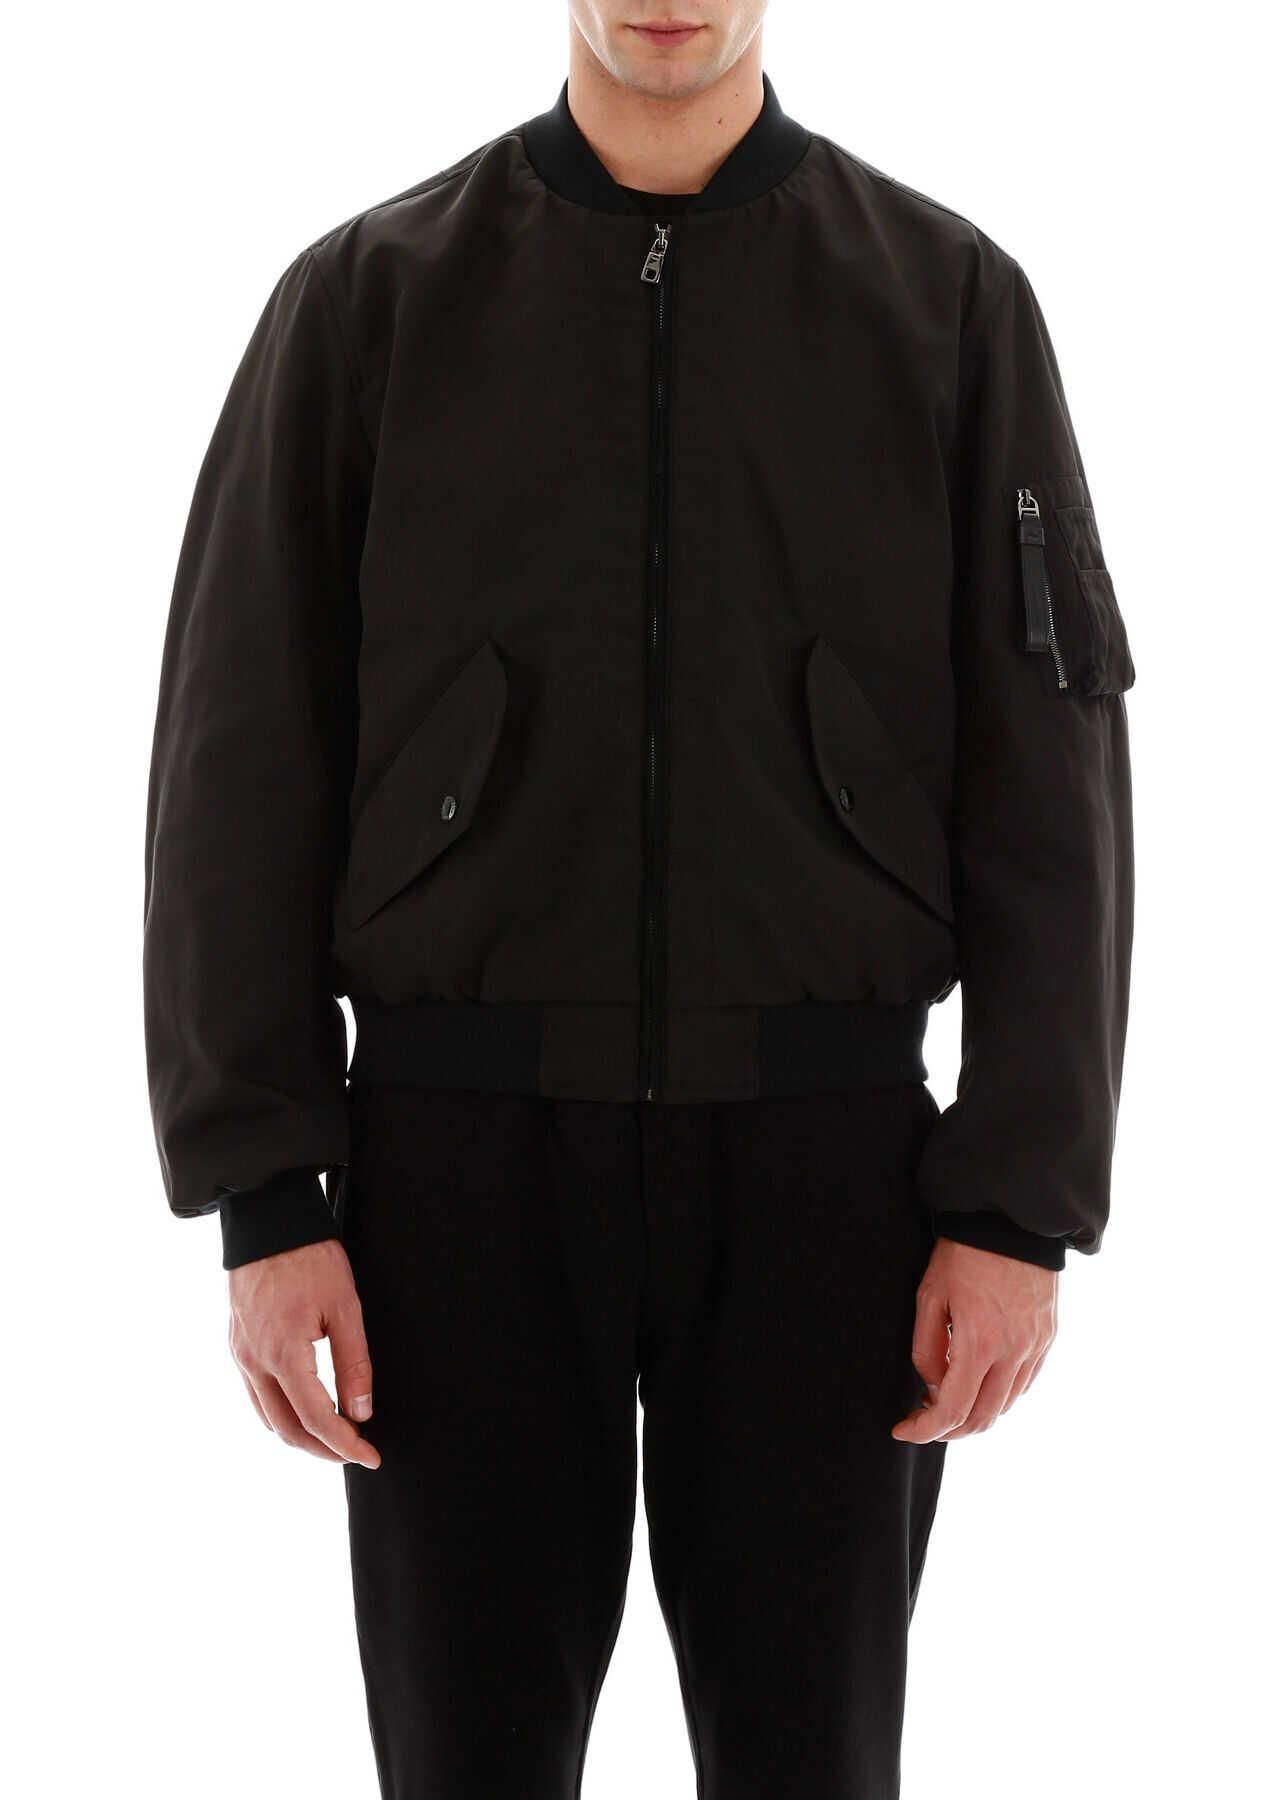 Dolce & Gabbana Heritage Bomber Jacket G9QP9T HUMHF NERO image0